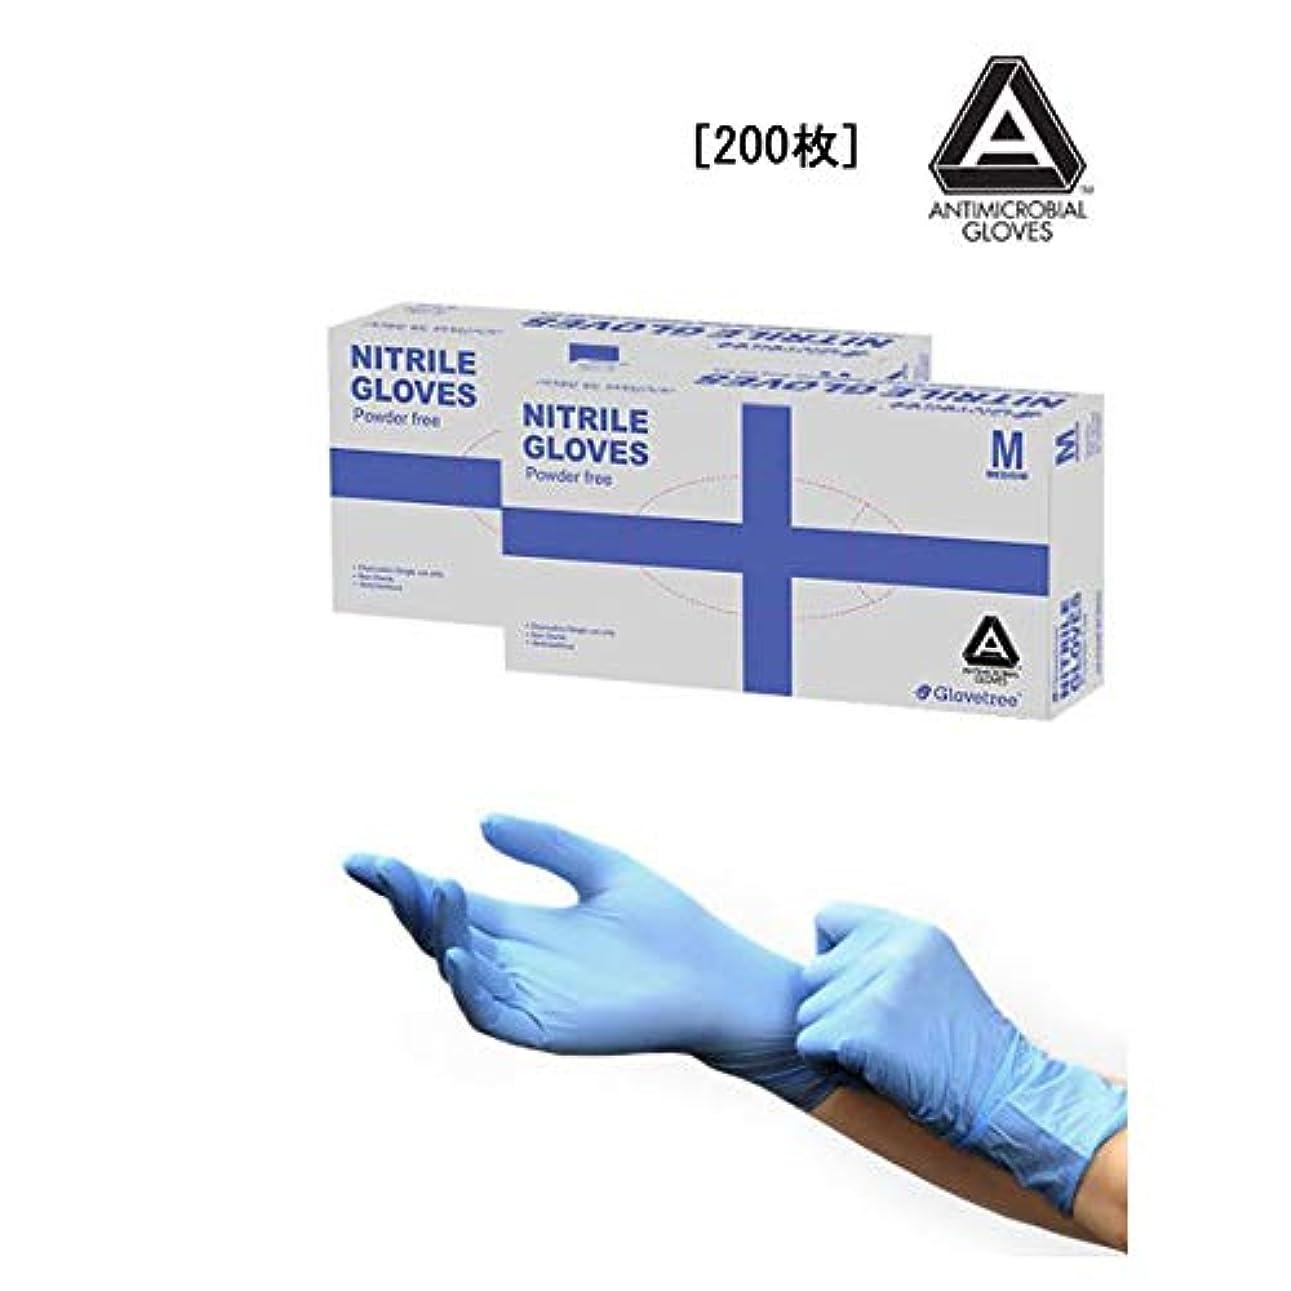 泣いている継承配管(Glove Tree)AMG(Anti Microbial Gloves) 最高品質 無粉末 ニトリル手袋 パウダーフリー Biolet Blue 200枚(3.2g Nitrile、Mサイズ目安、Powder Free...